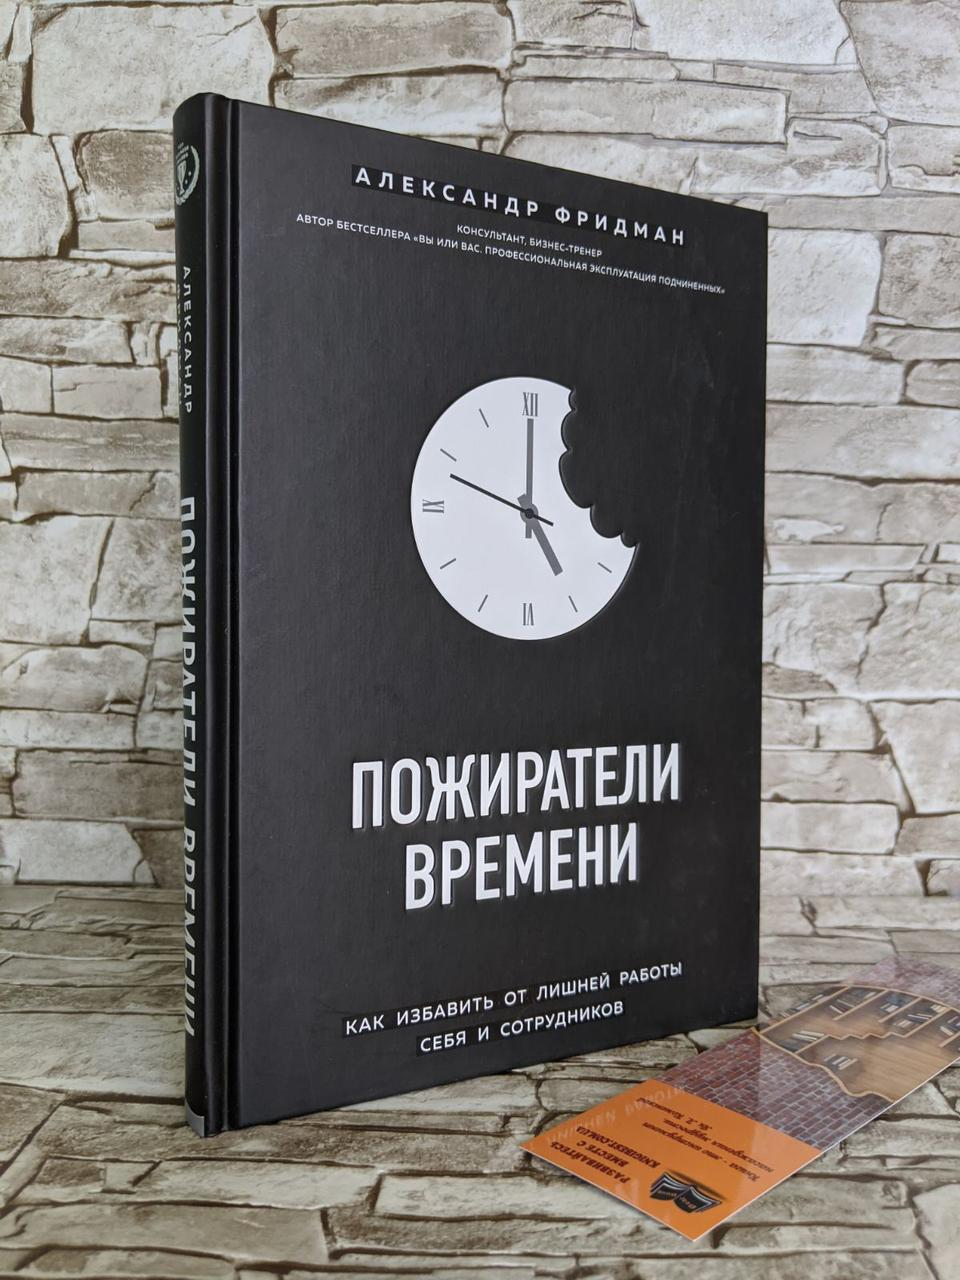 """Книга """"Пожиратели времени. Как избавить от лишней работы себя и сотрудников"""" Александр Фридман"""